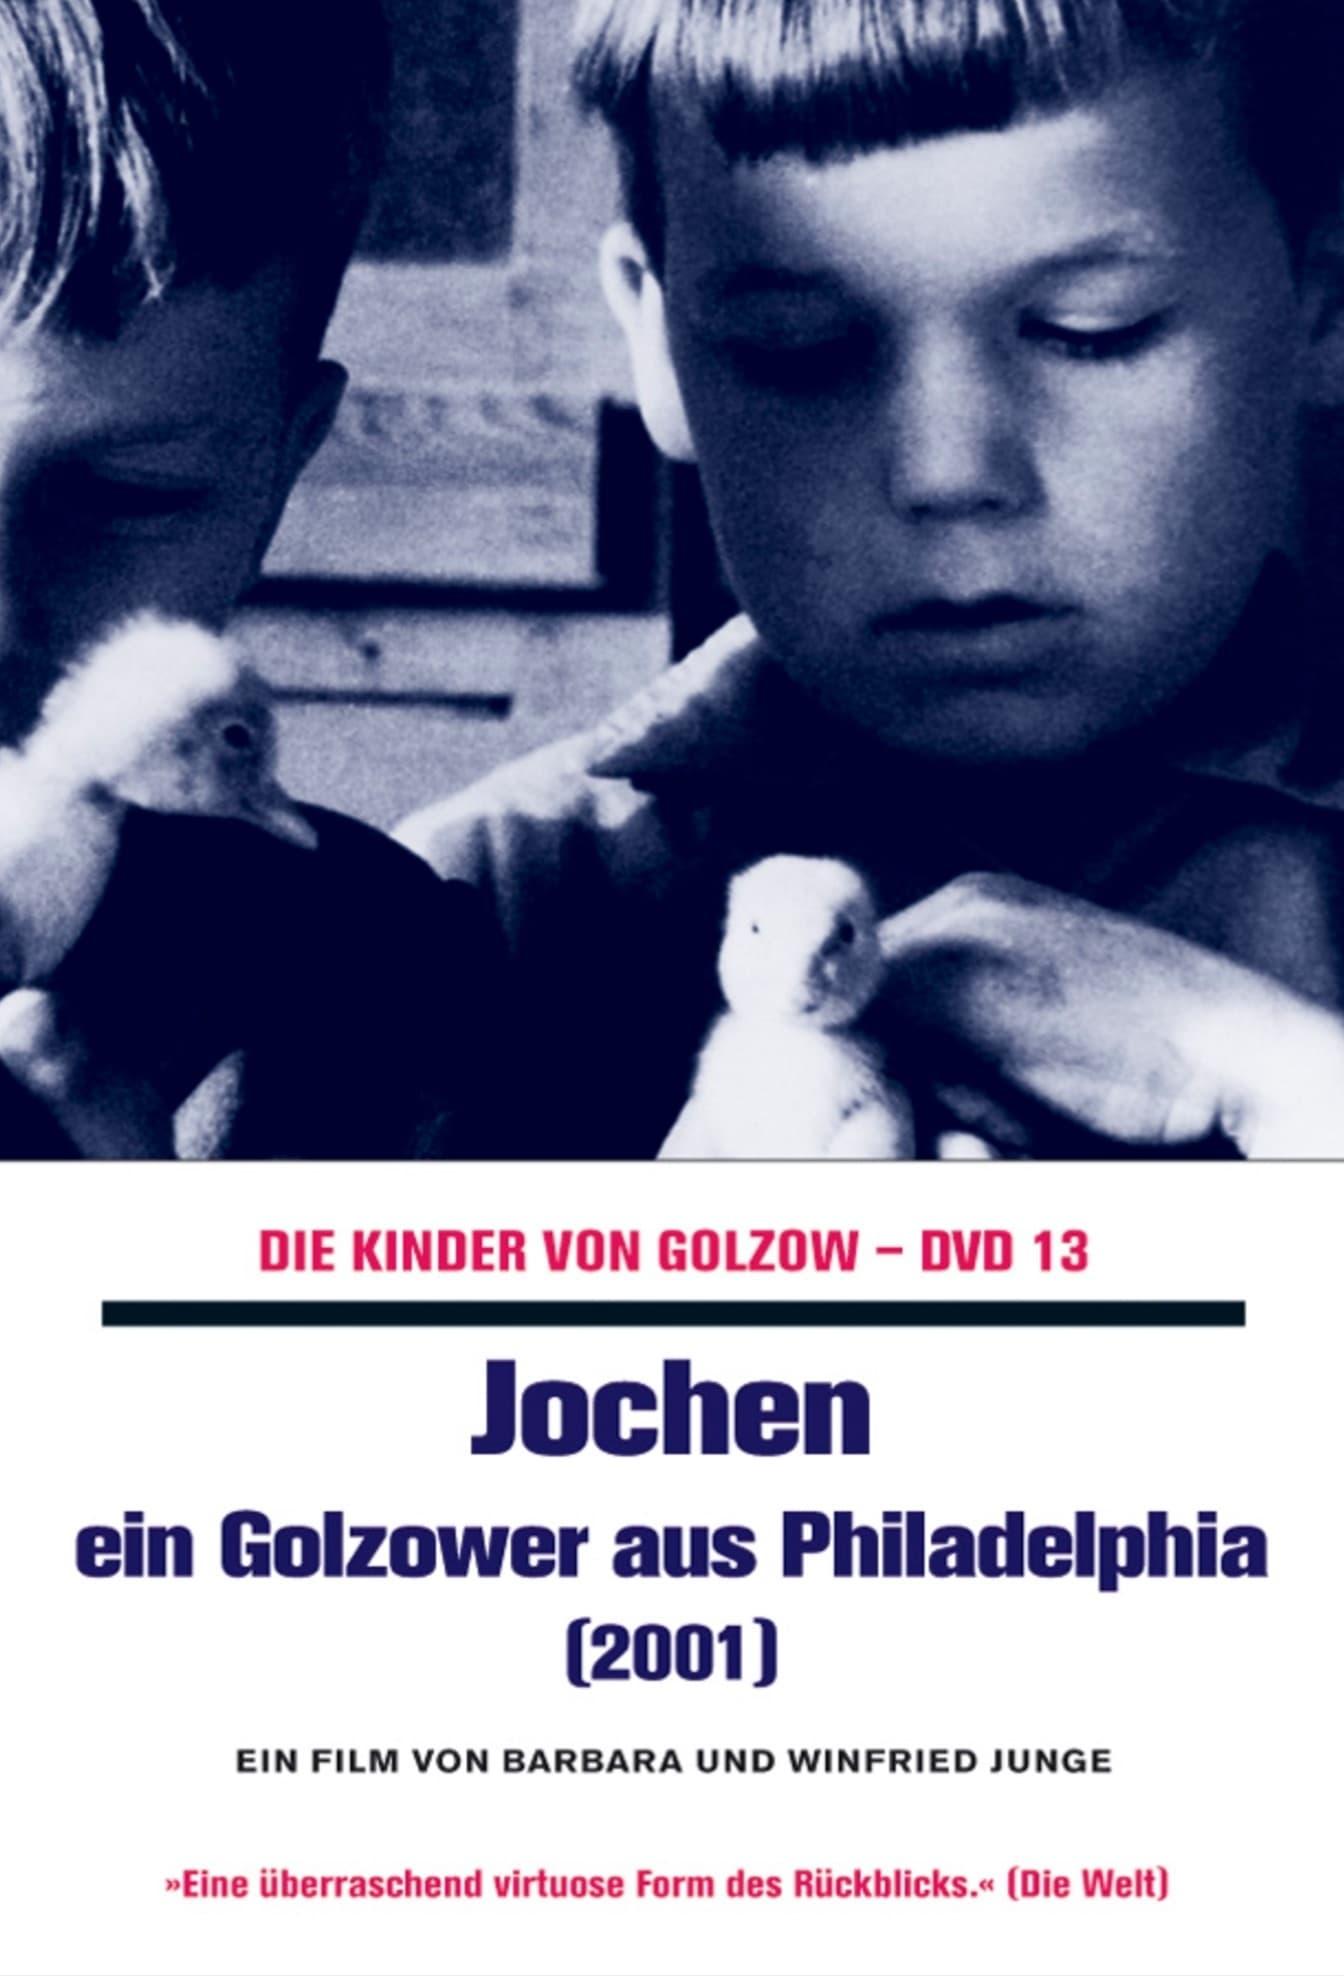 Jochen - Ein Golzower aus Philadelphia